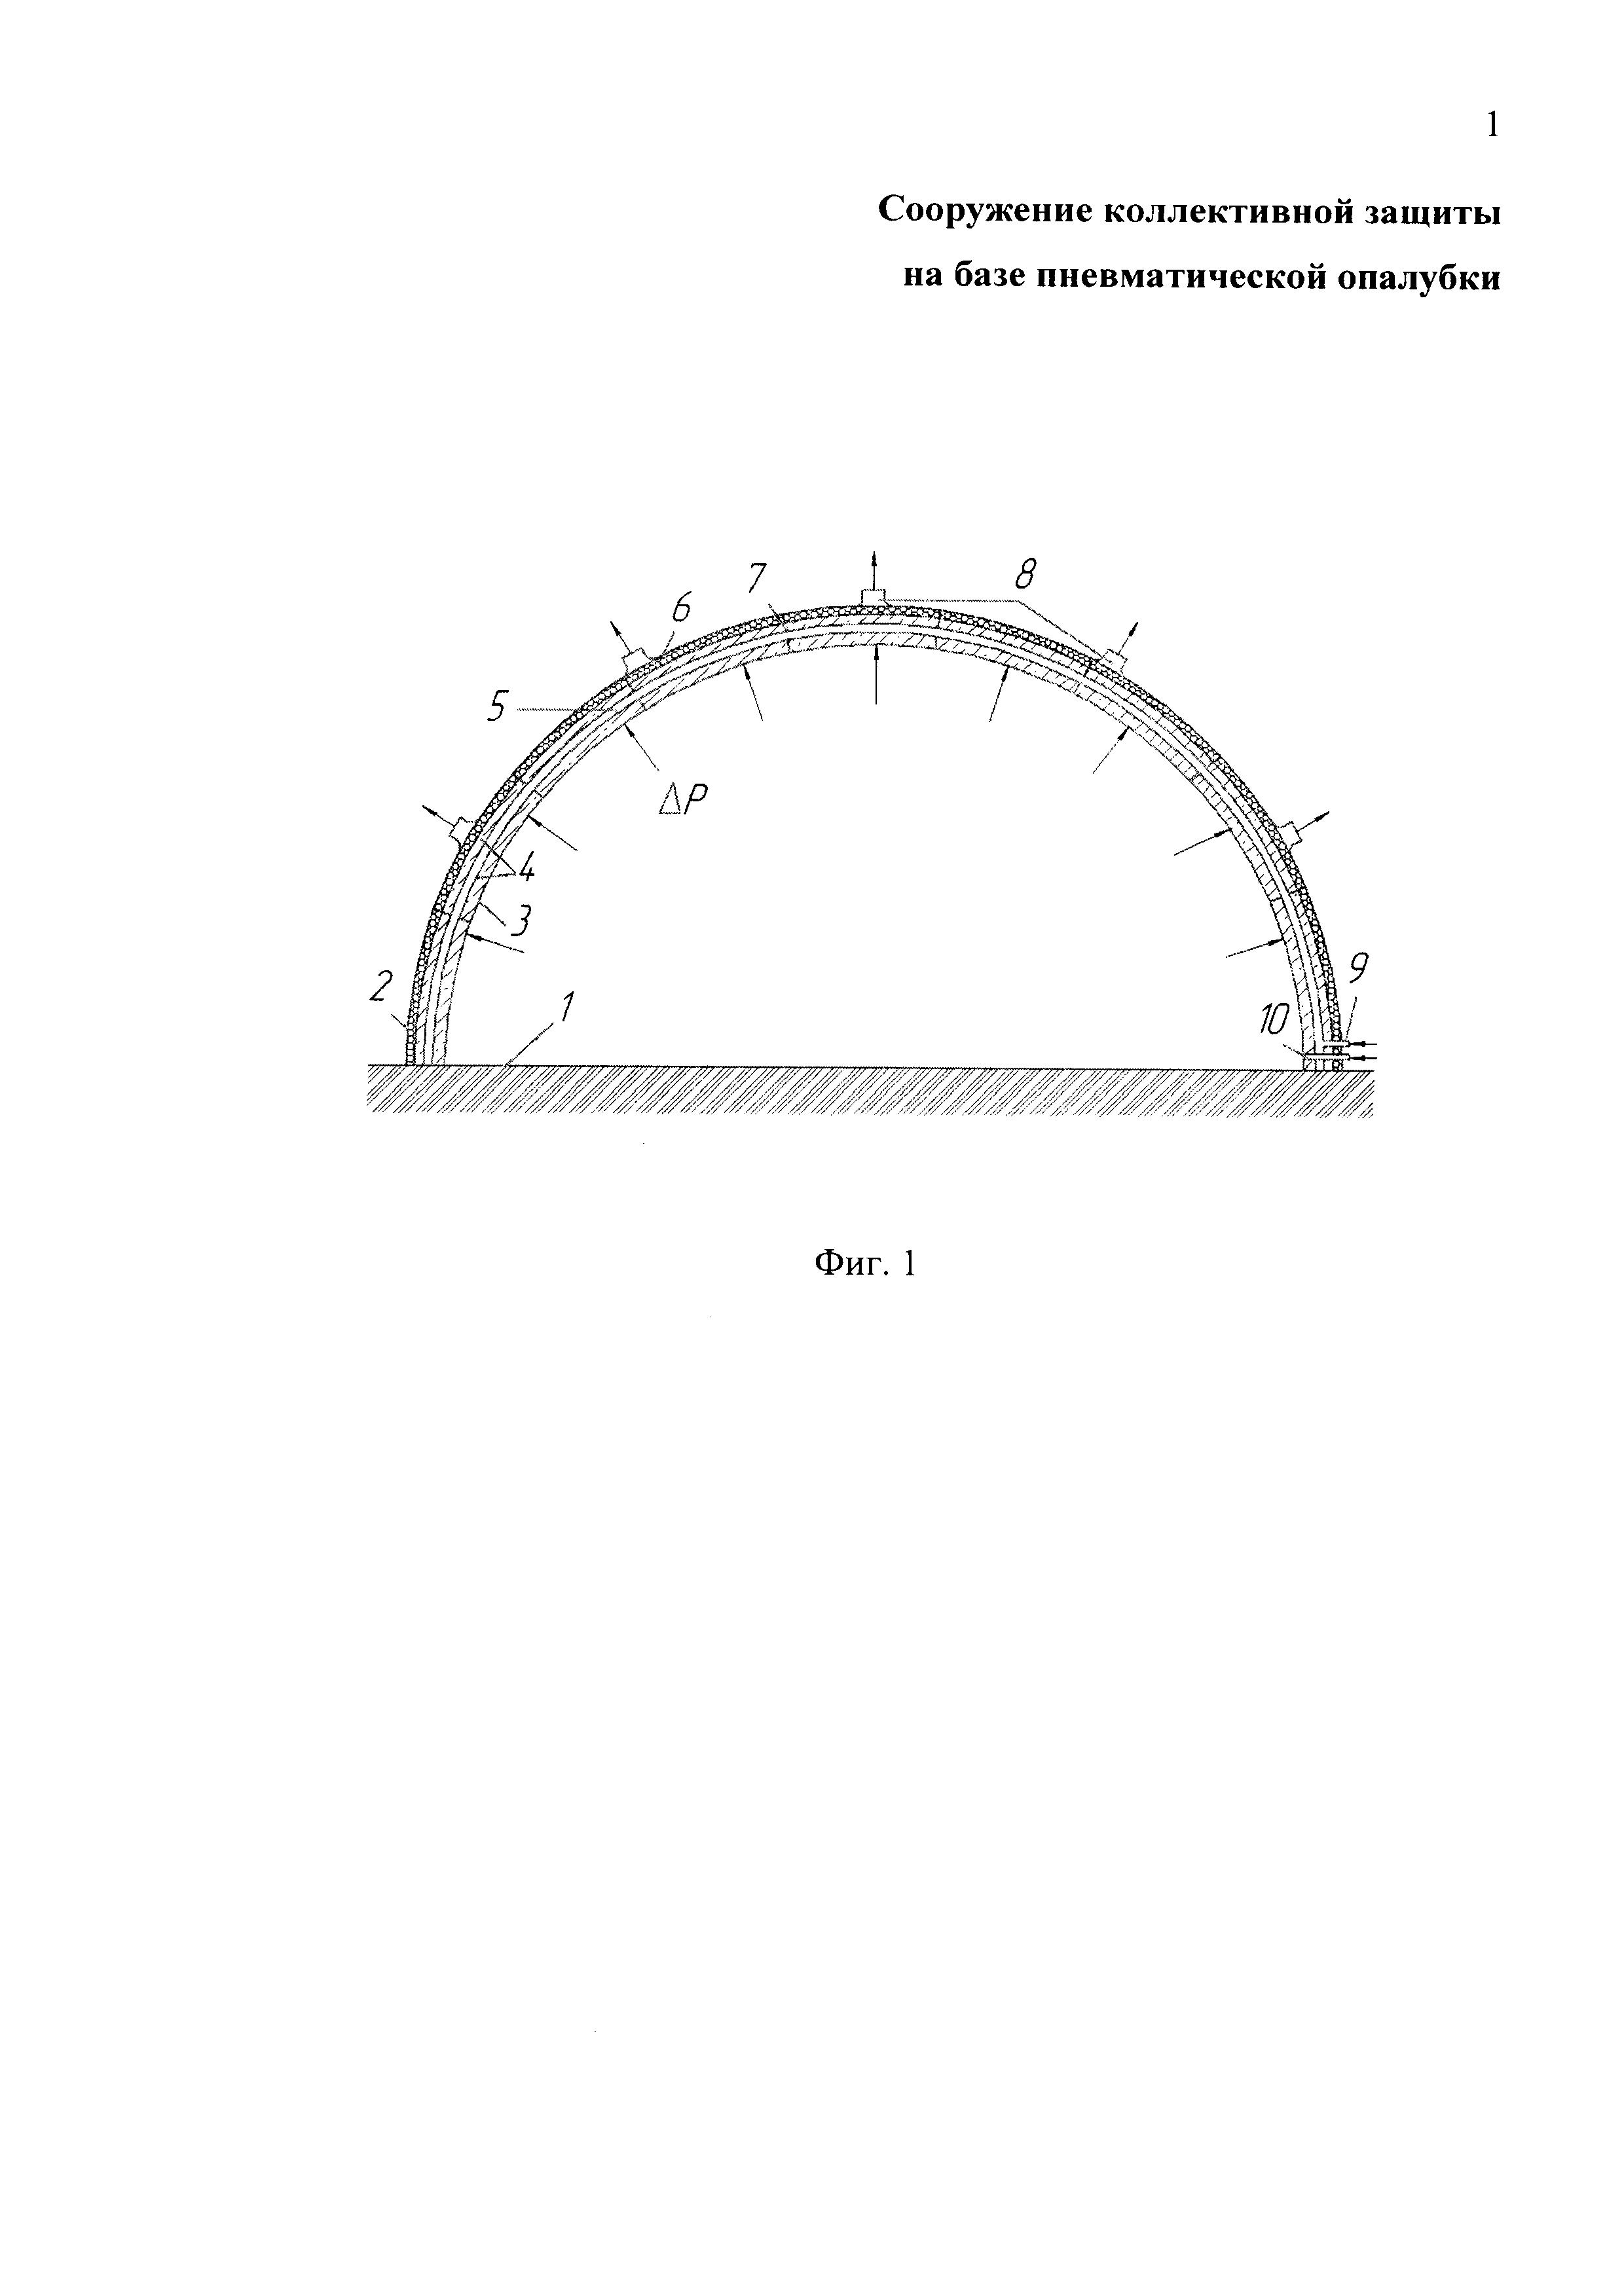 Сооружение коллективной защиты на базе пневматической опалубки